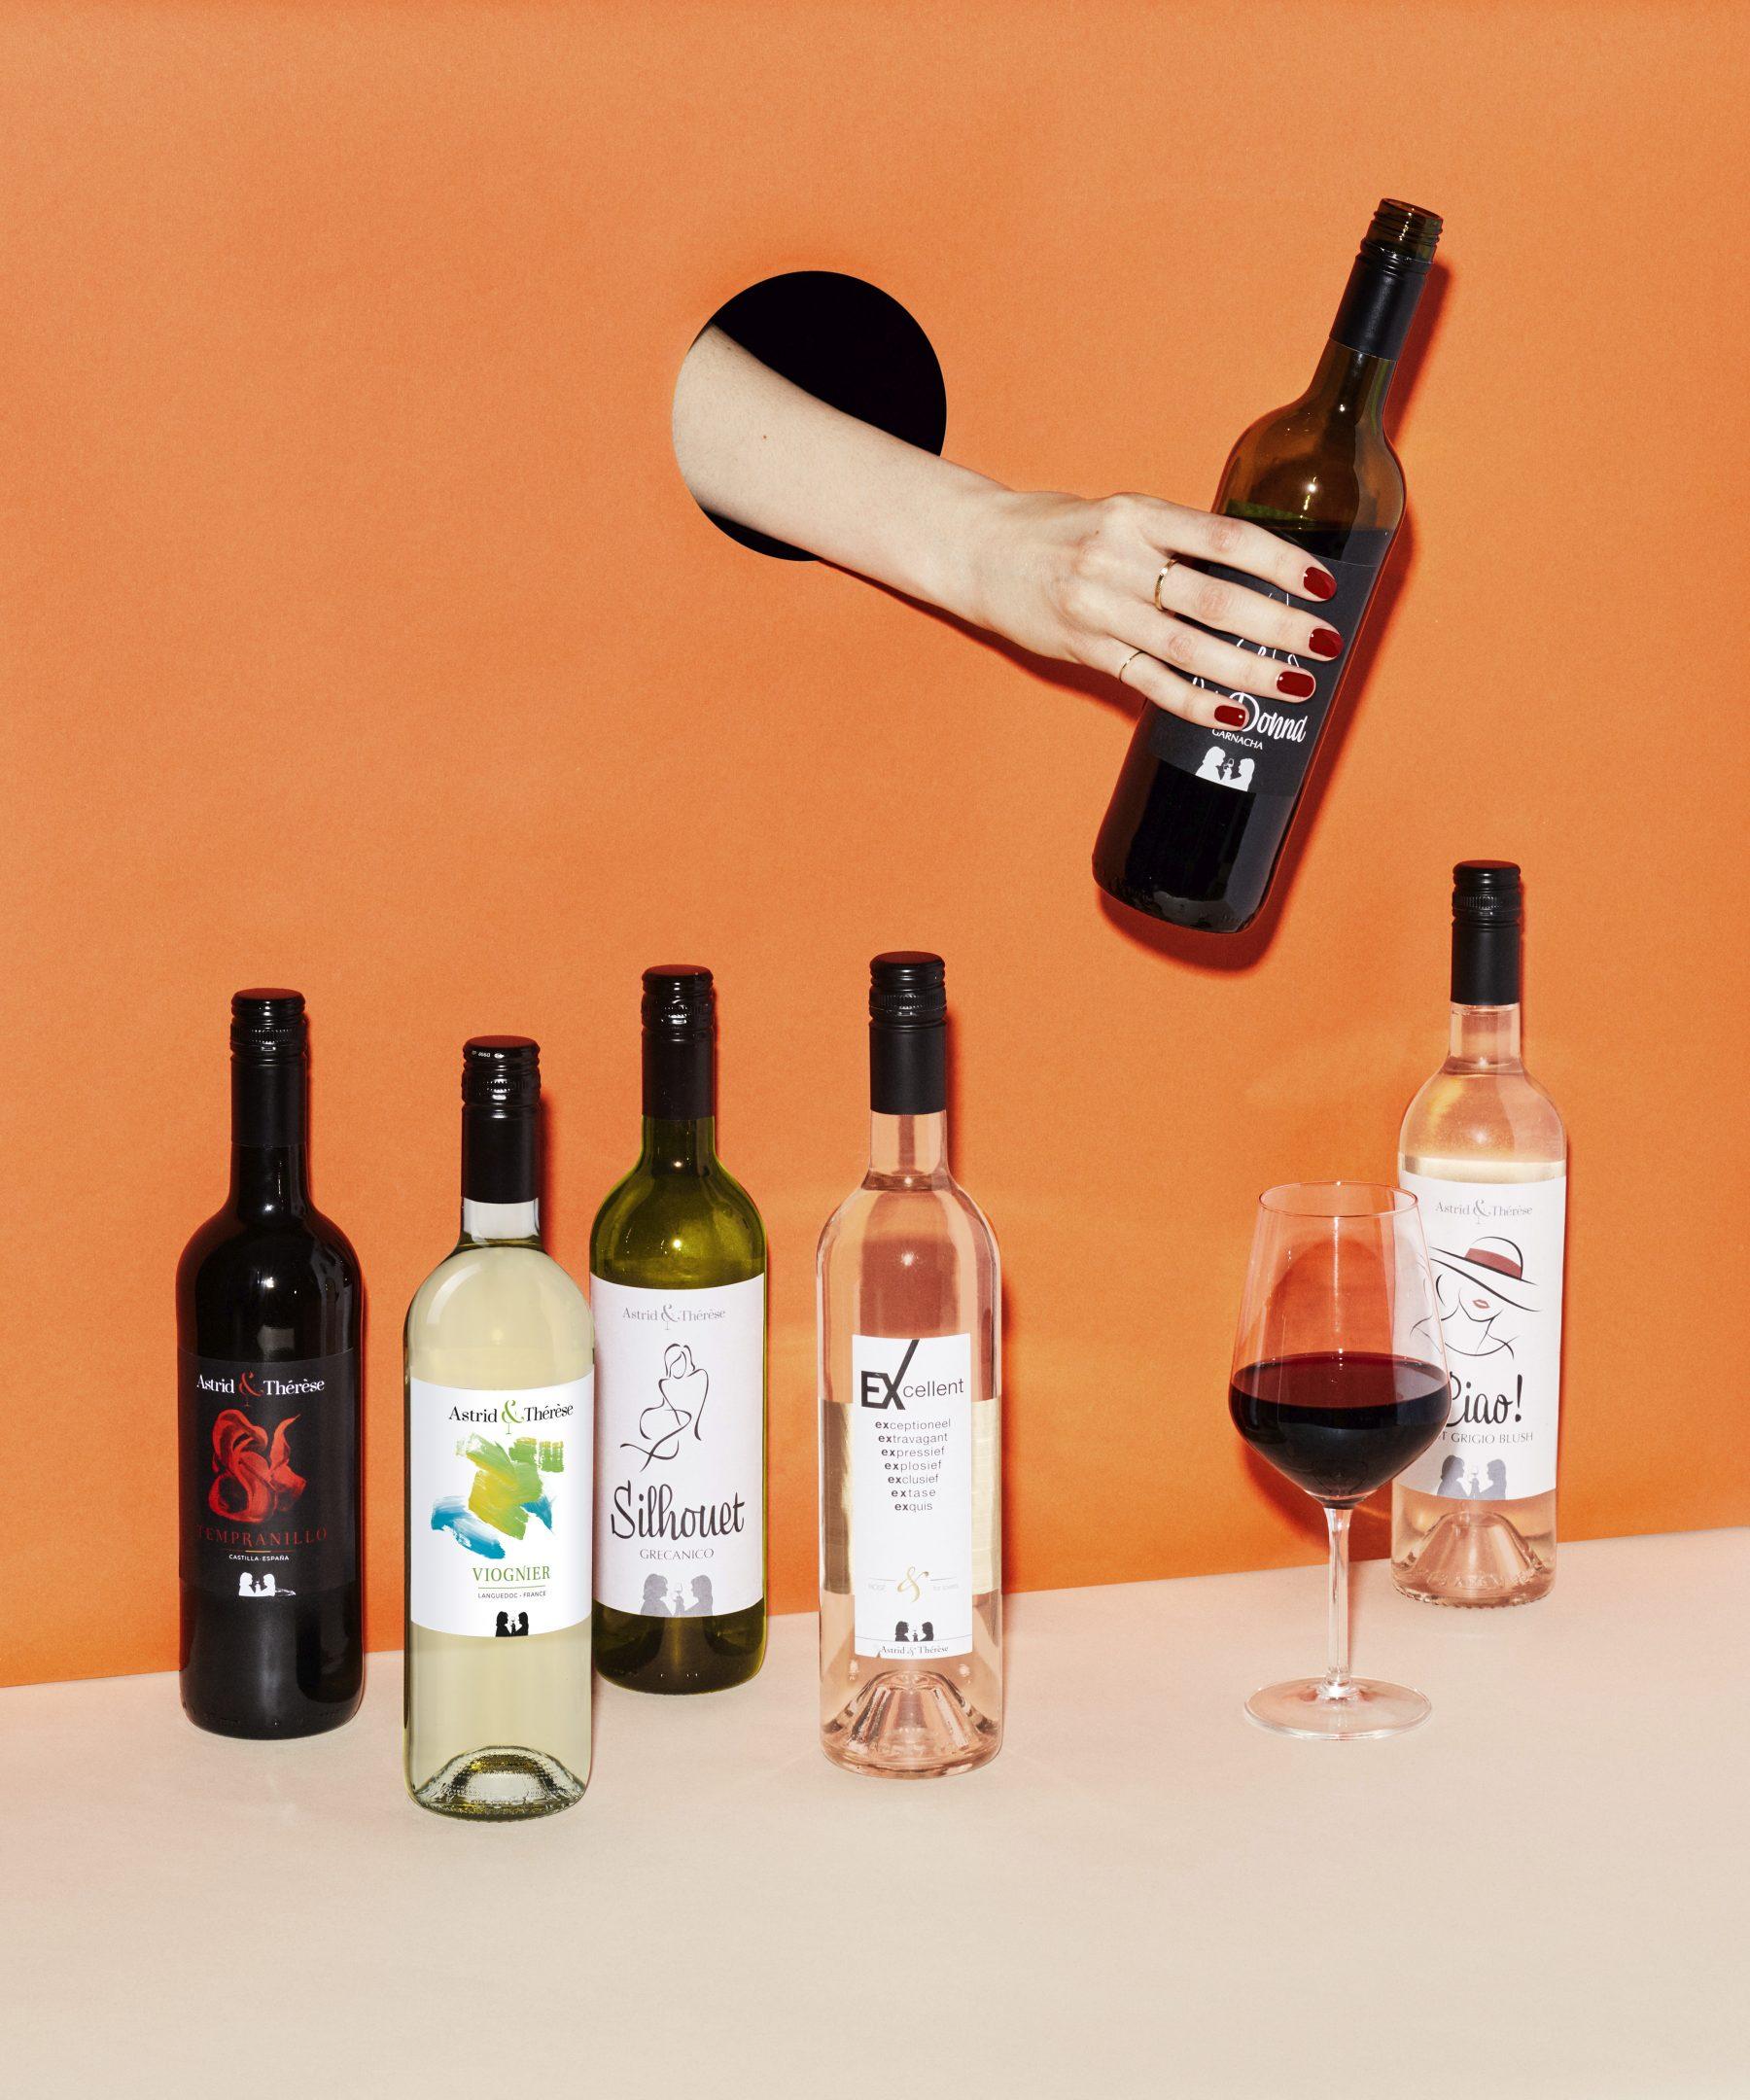 Lekker in de tuin weer wijnen, wijnen, wijnen